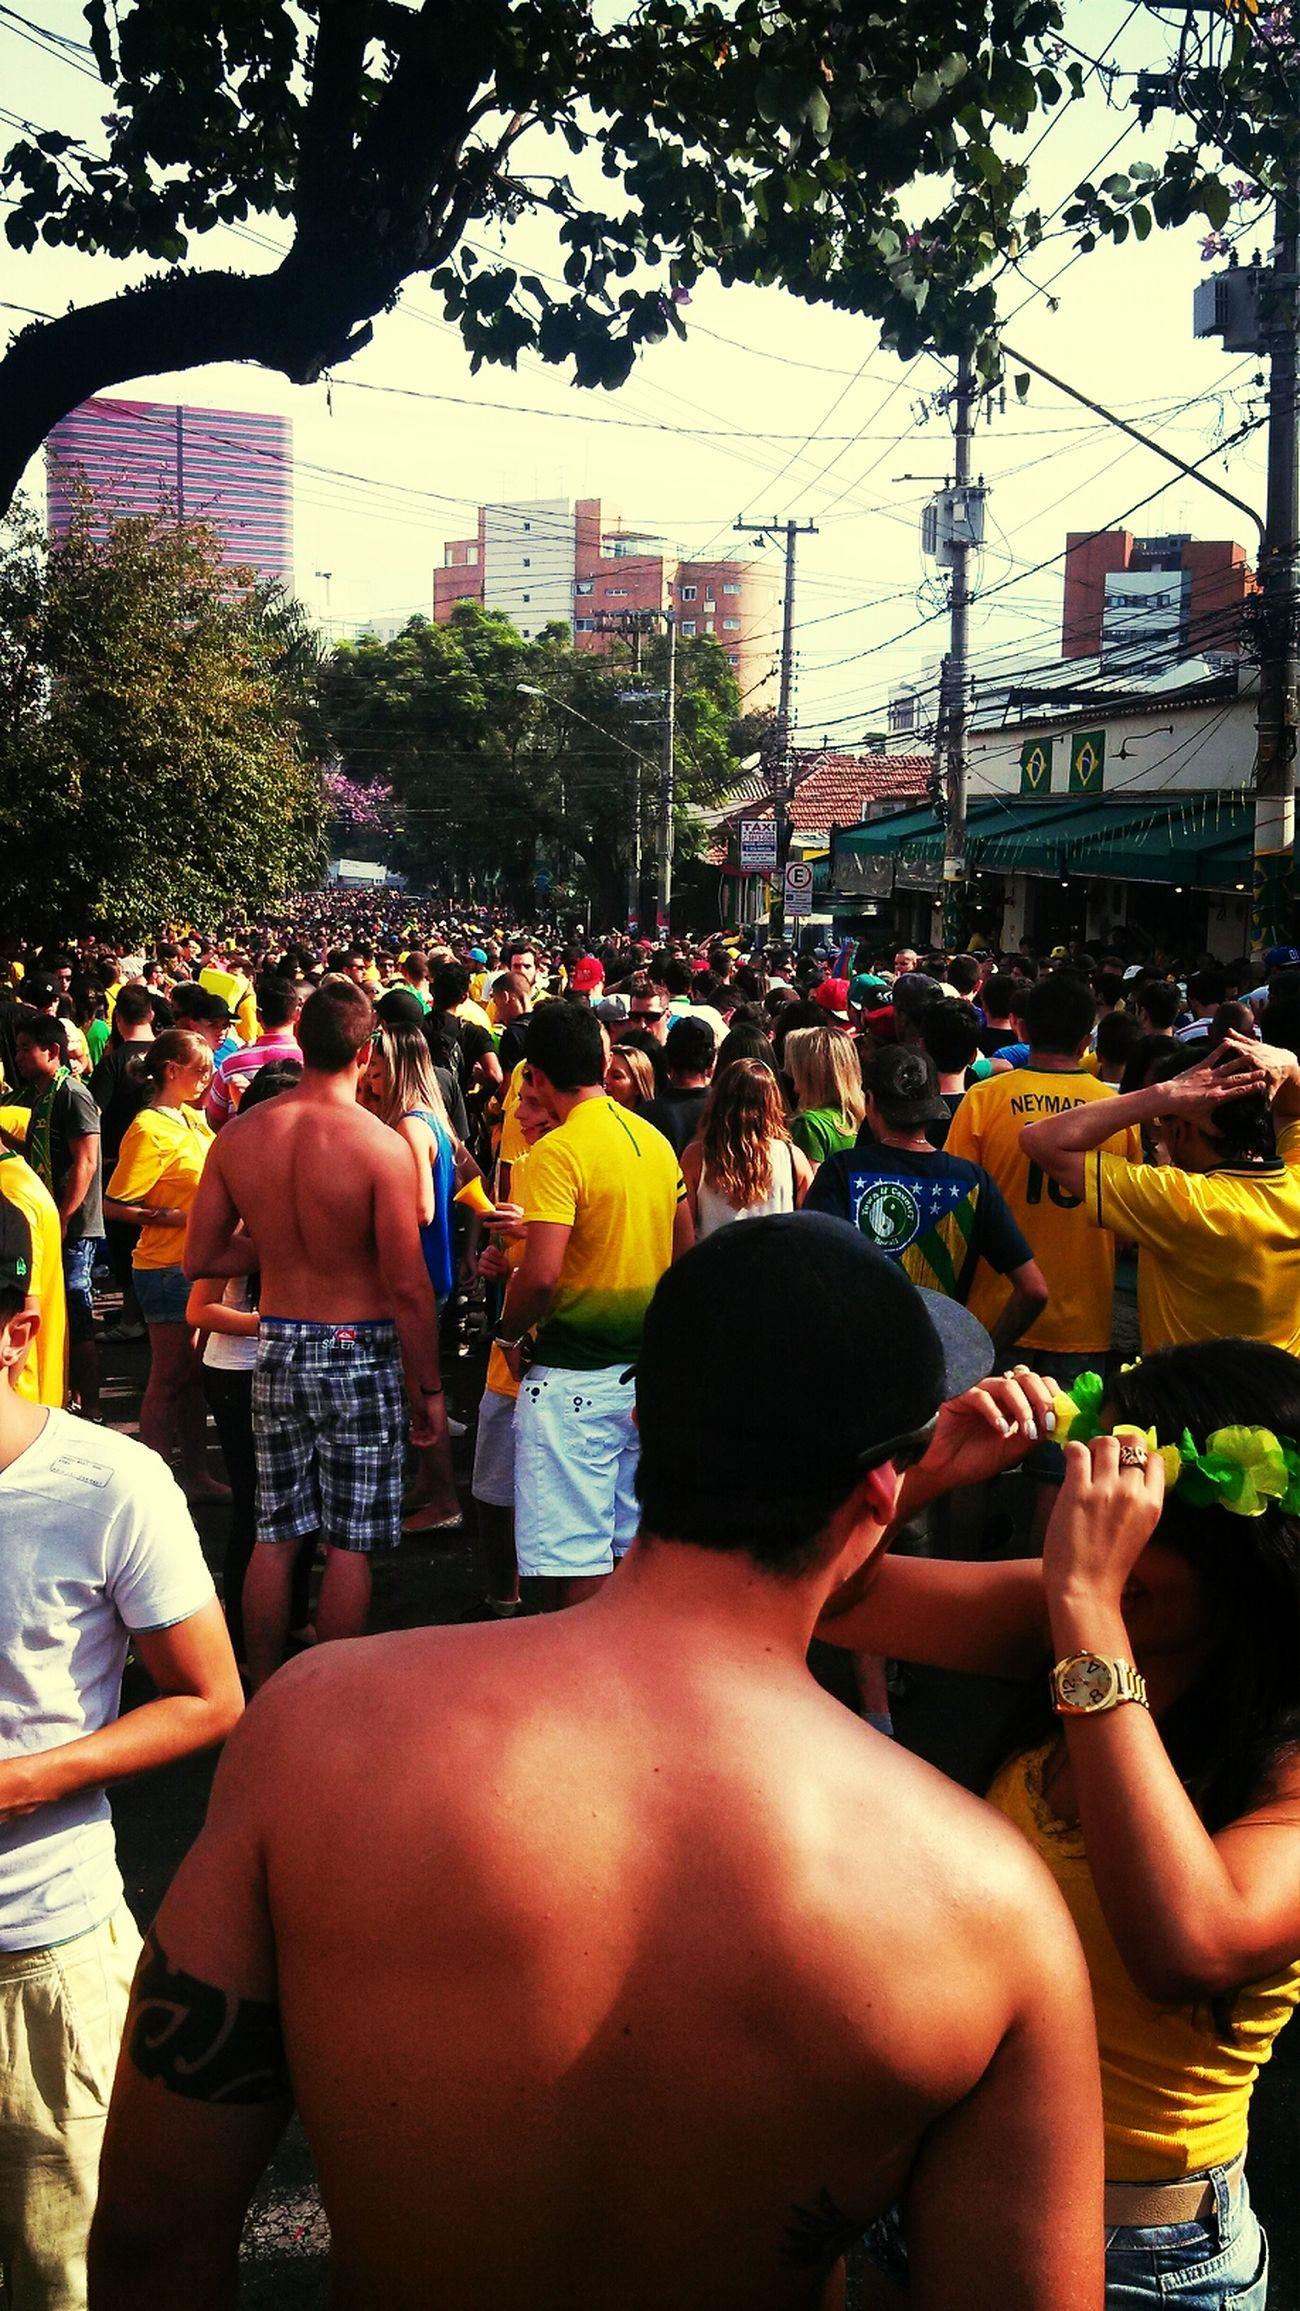 Vila mada tá boa em, jogo do Brasil é lá com certeza ! Vila Mada